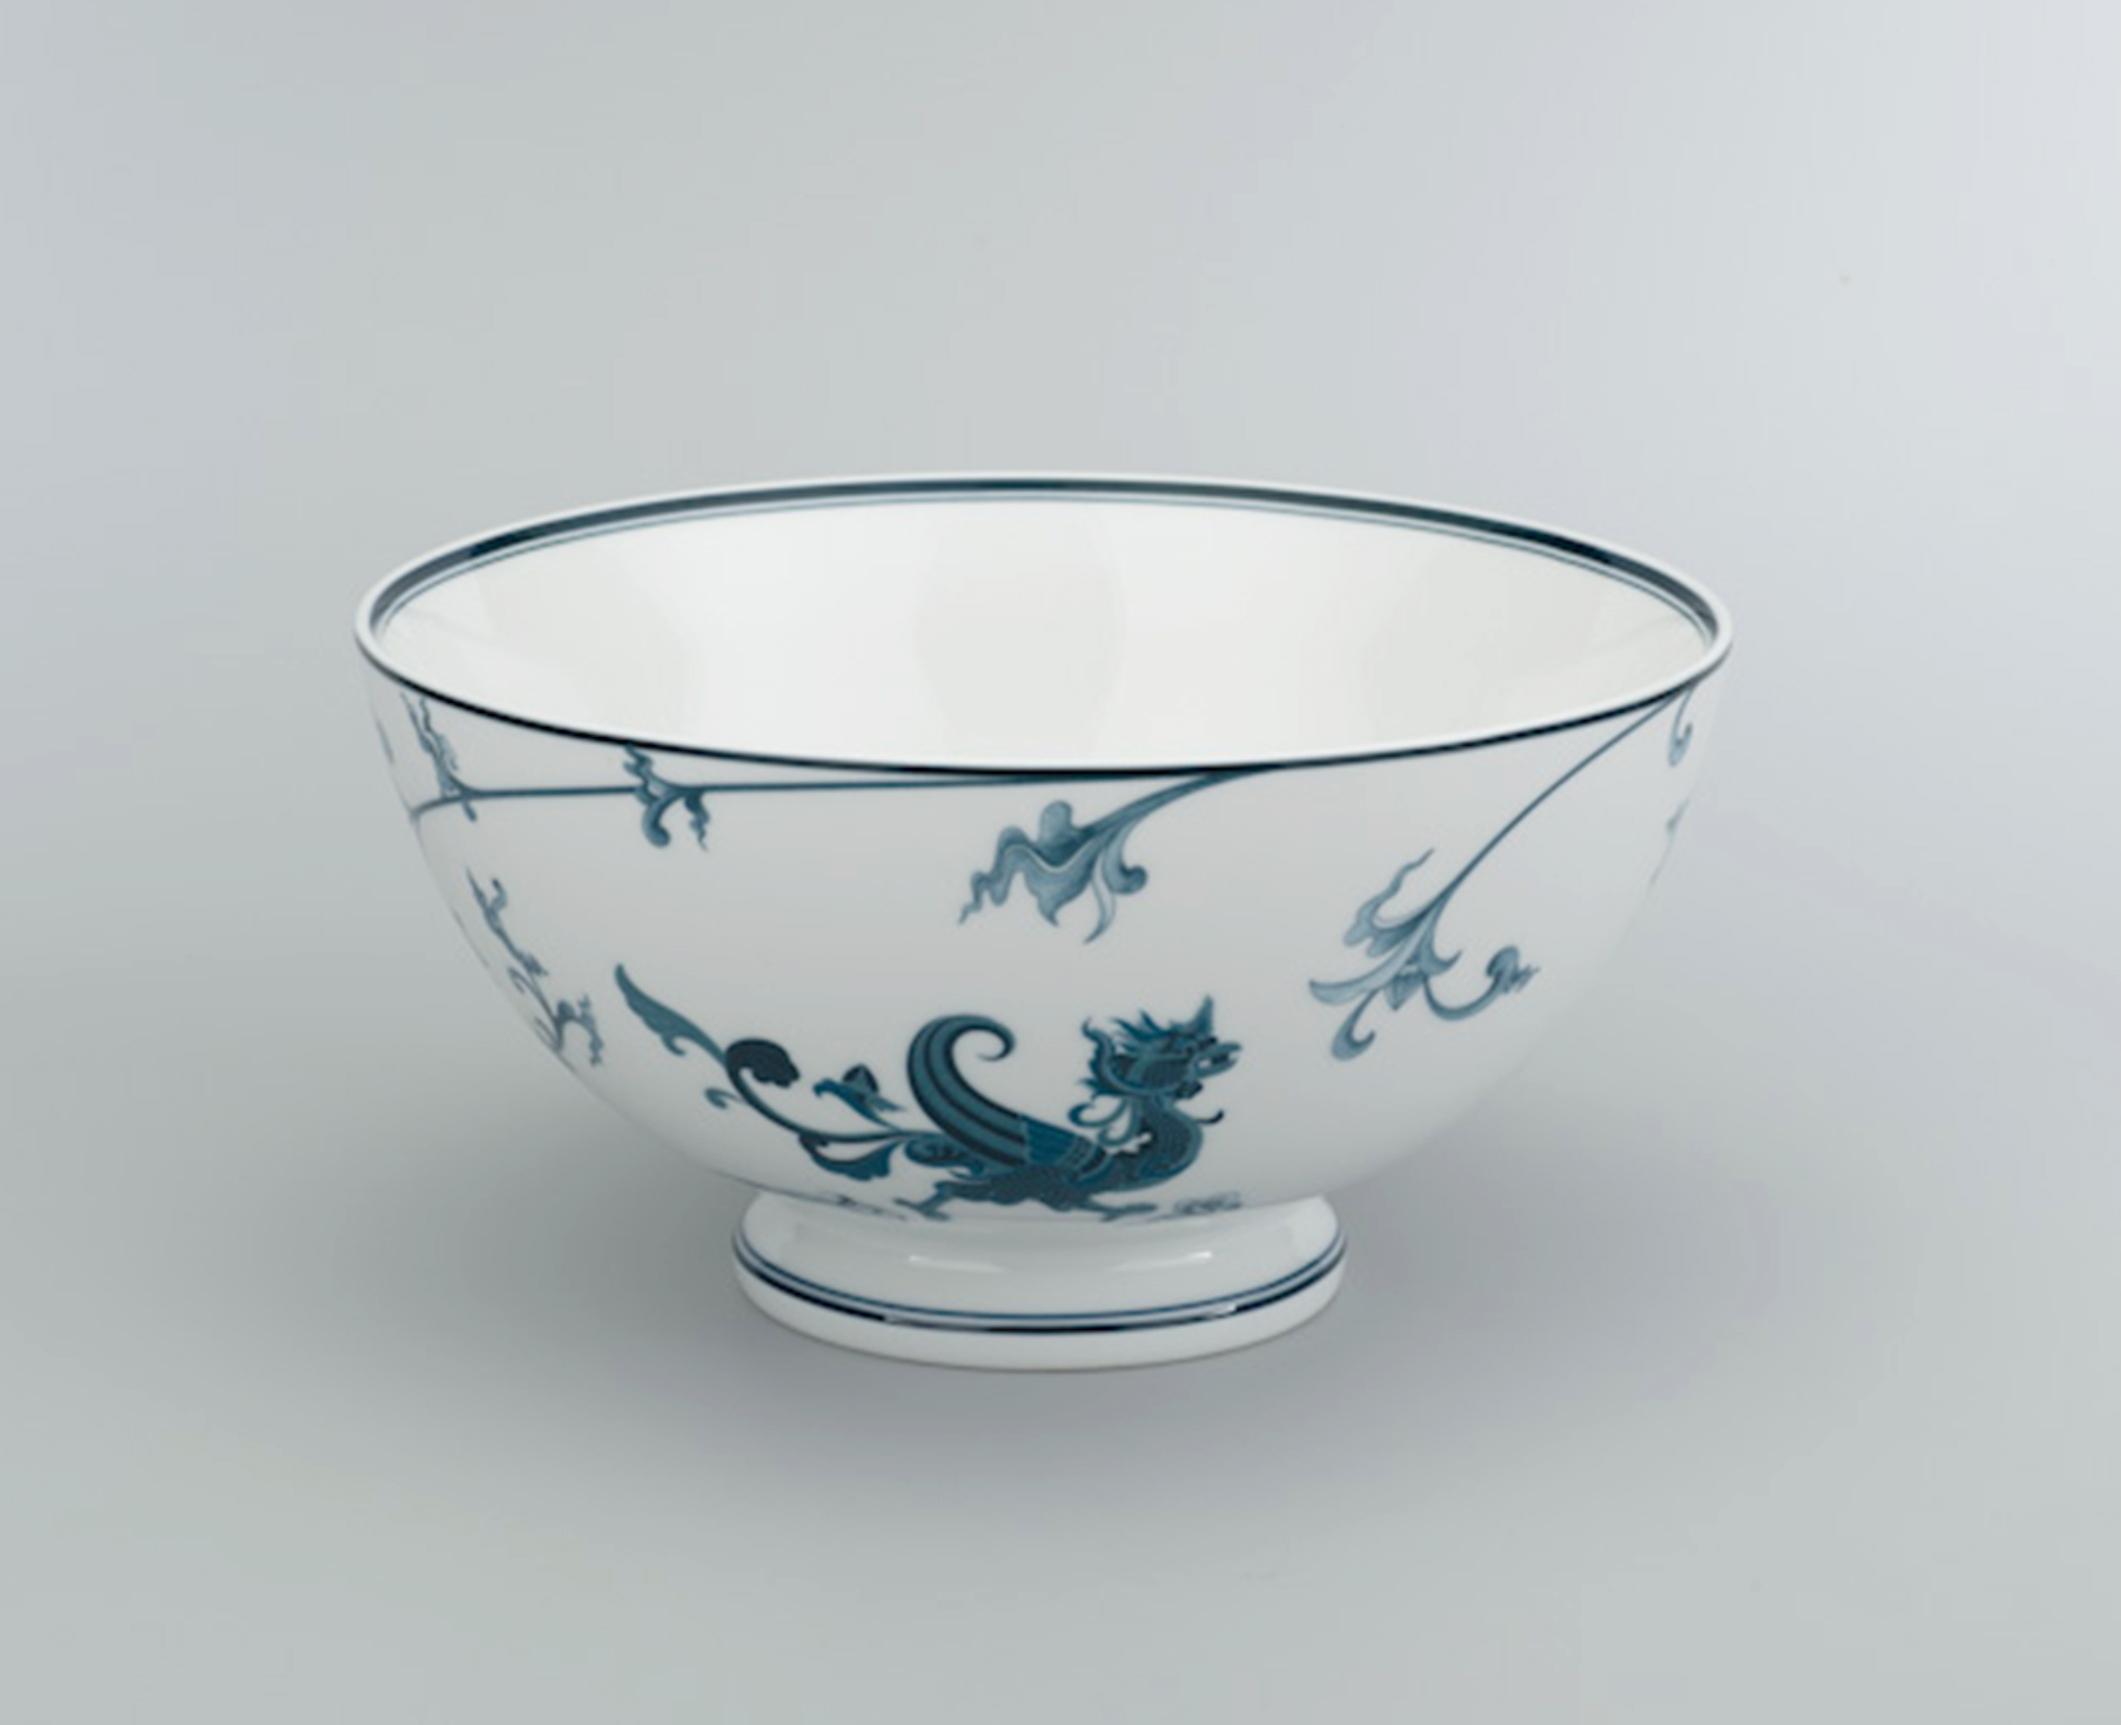 Chén Cơm 11.5cm Hoàng cung Lạc Hồng 031122208 Minh Long